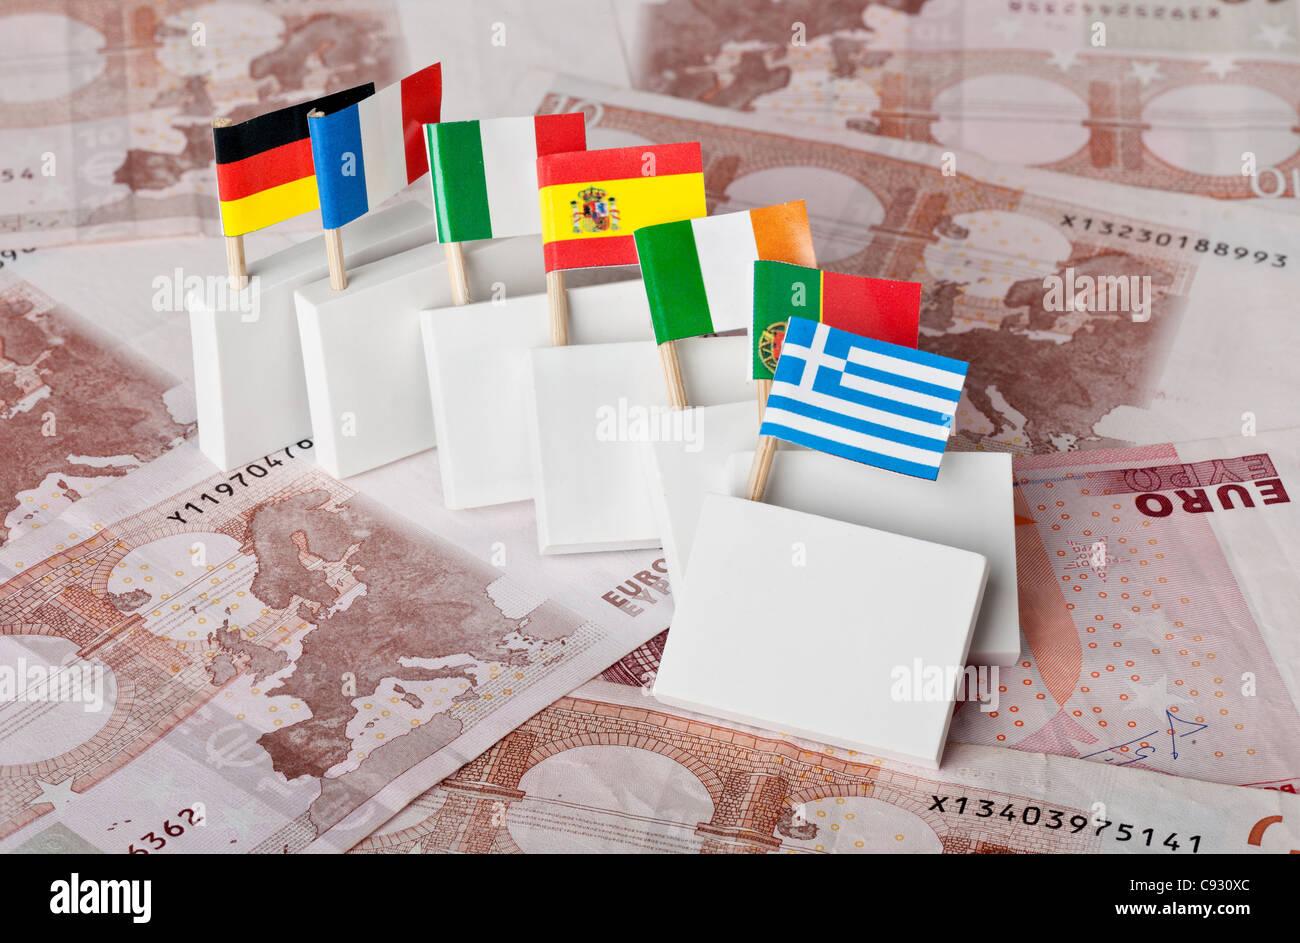 Sovrano greco la crisi debitoria di innescare un effetto domino su altri paesi euro Immagini Stock